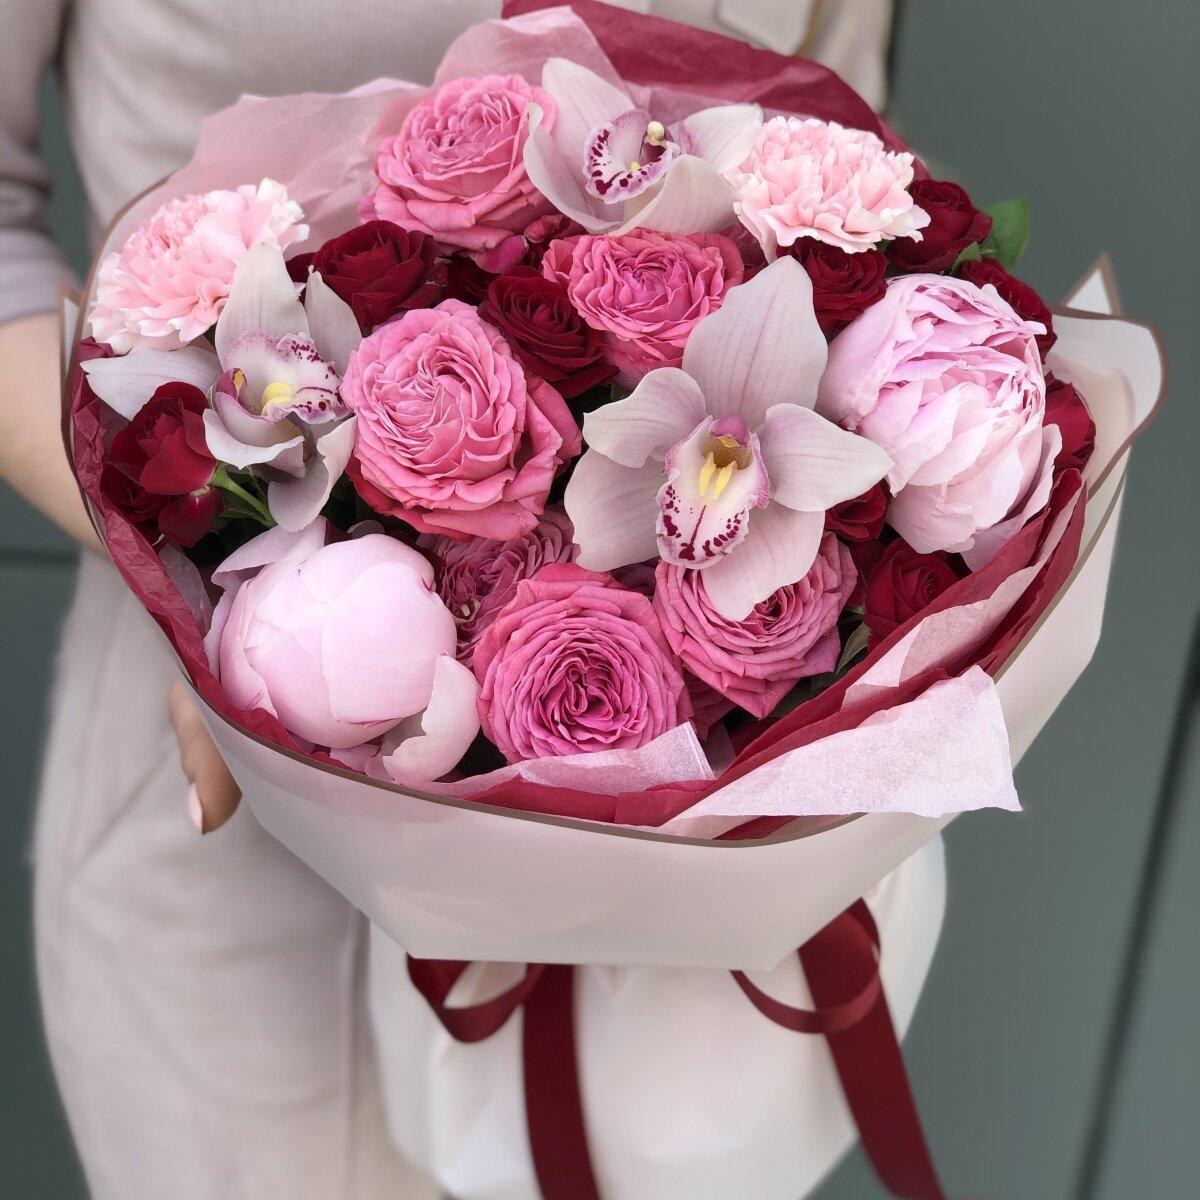 Букет Ягодный пунш из пионов, цимбидиума, диантуса и роз